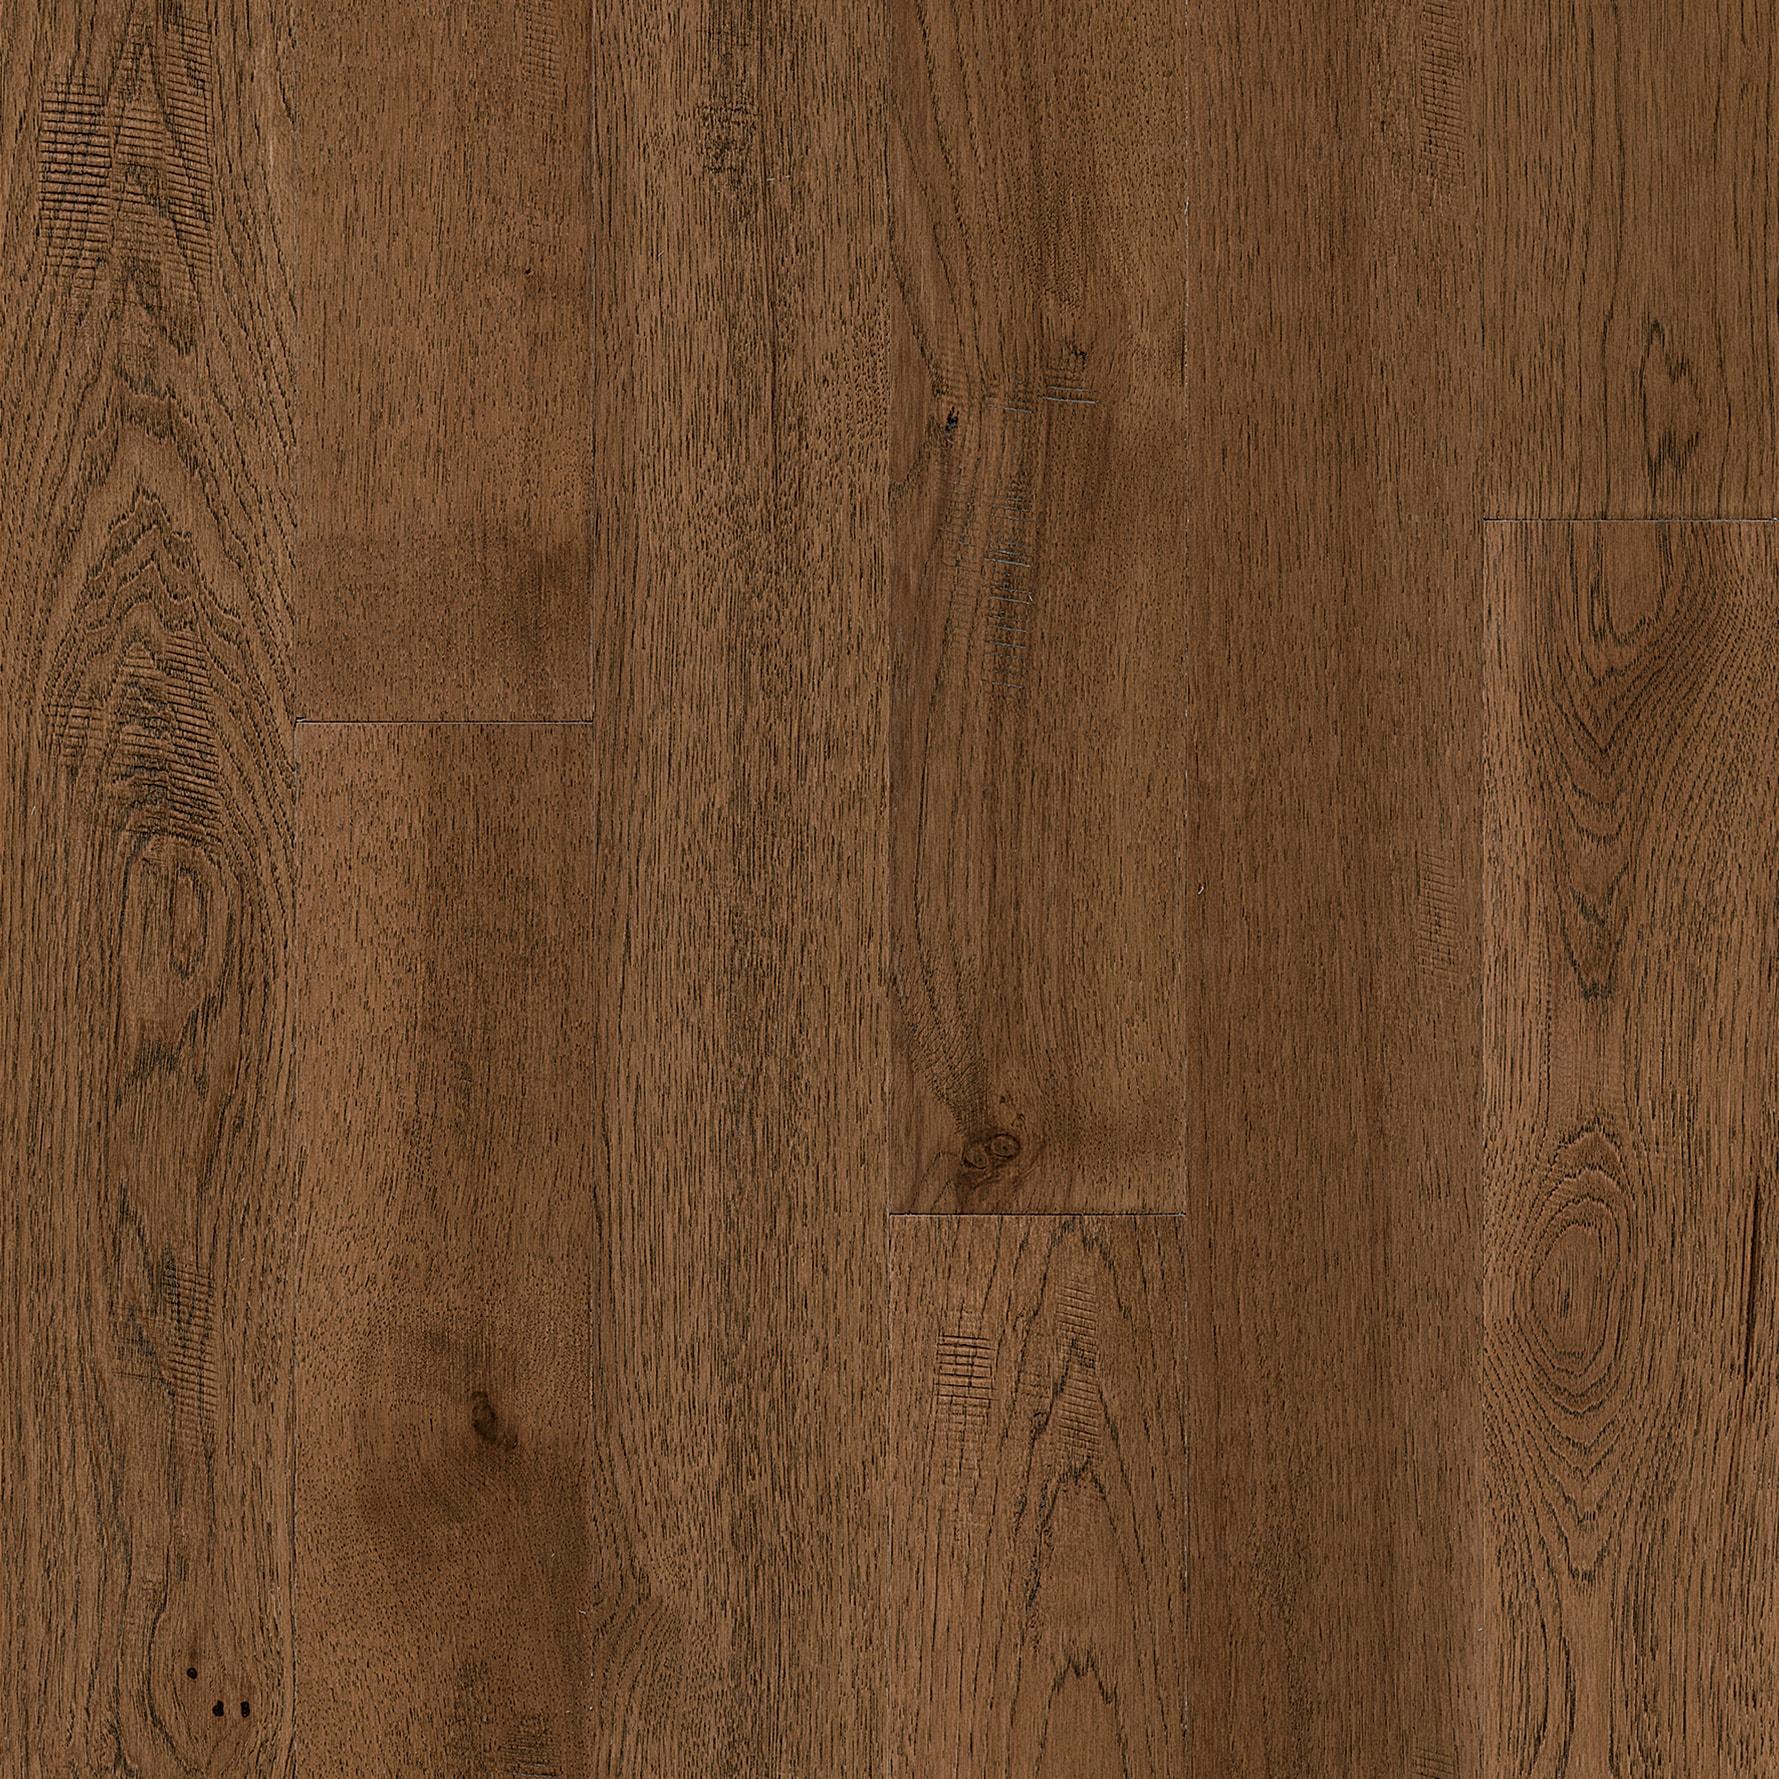 Light brown hardwood floor